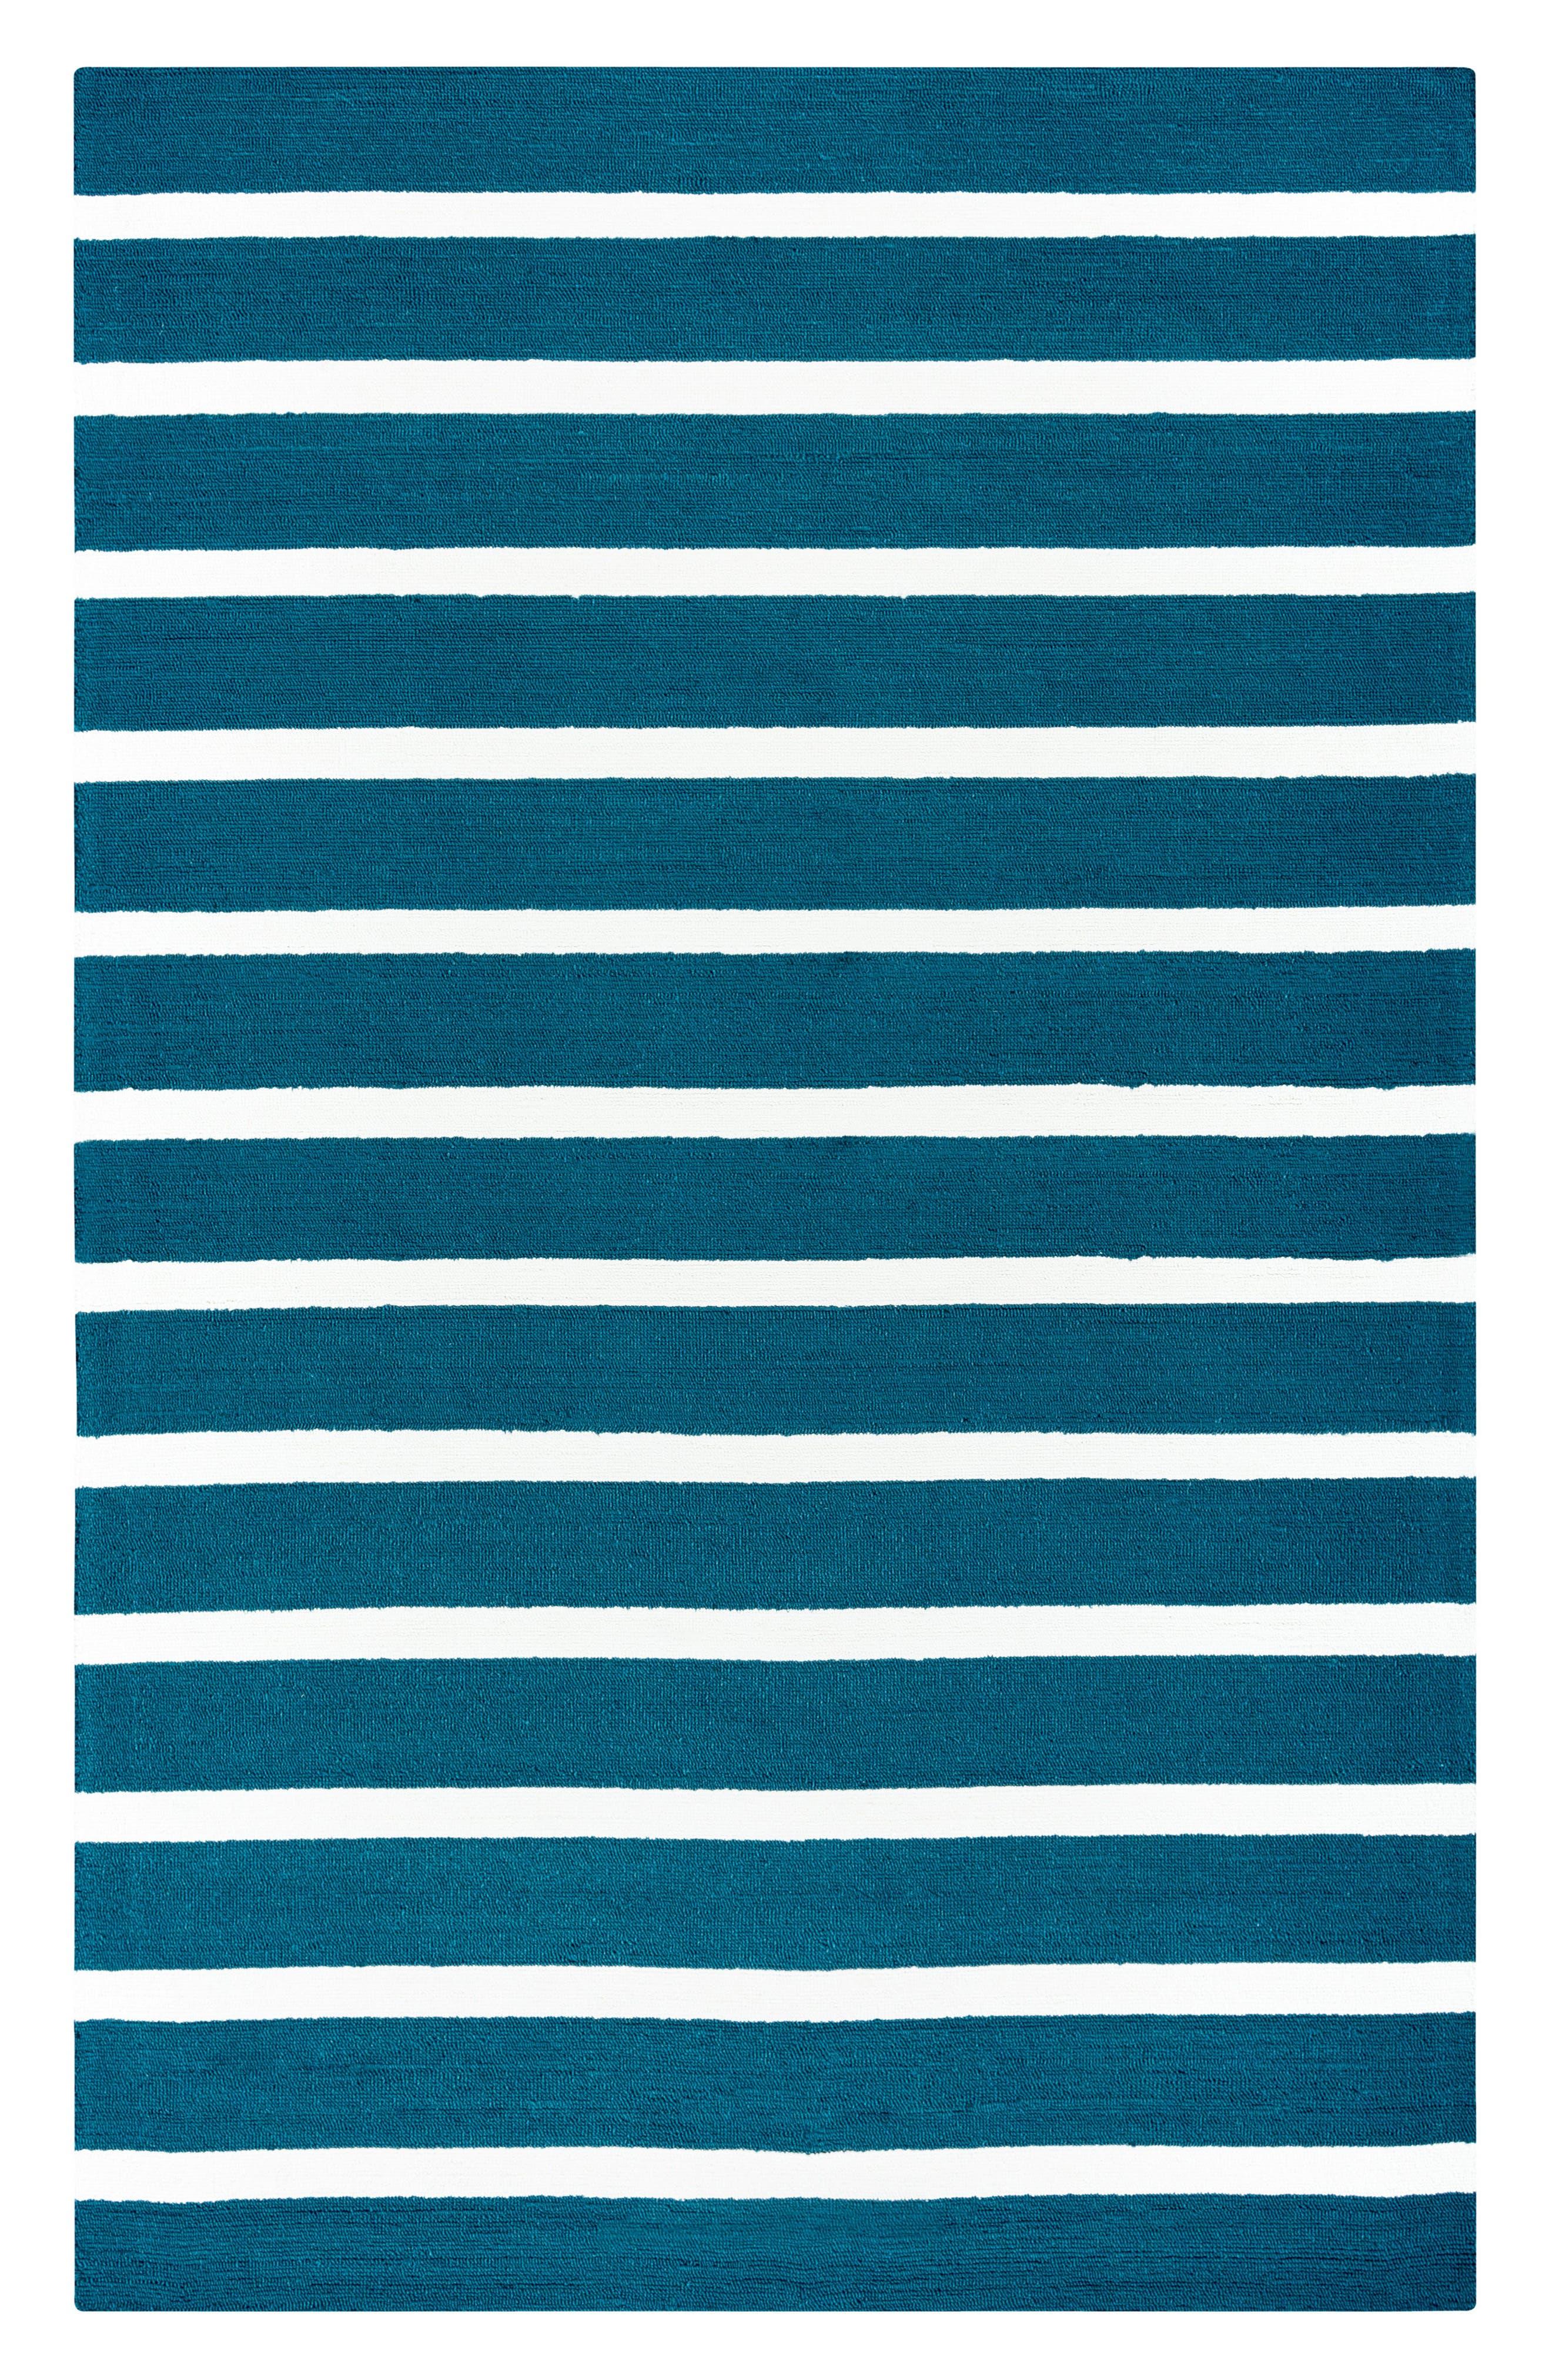 Azzura Hill Hana Rug,                         Main,                         color, Marine Blue